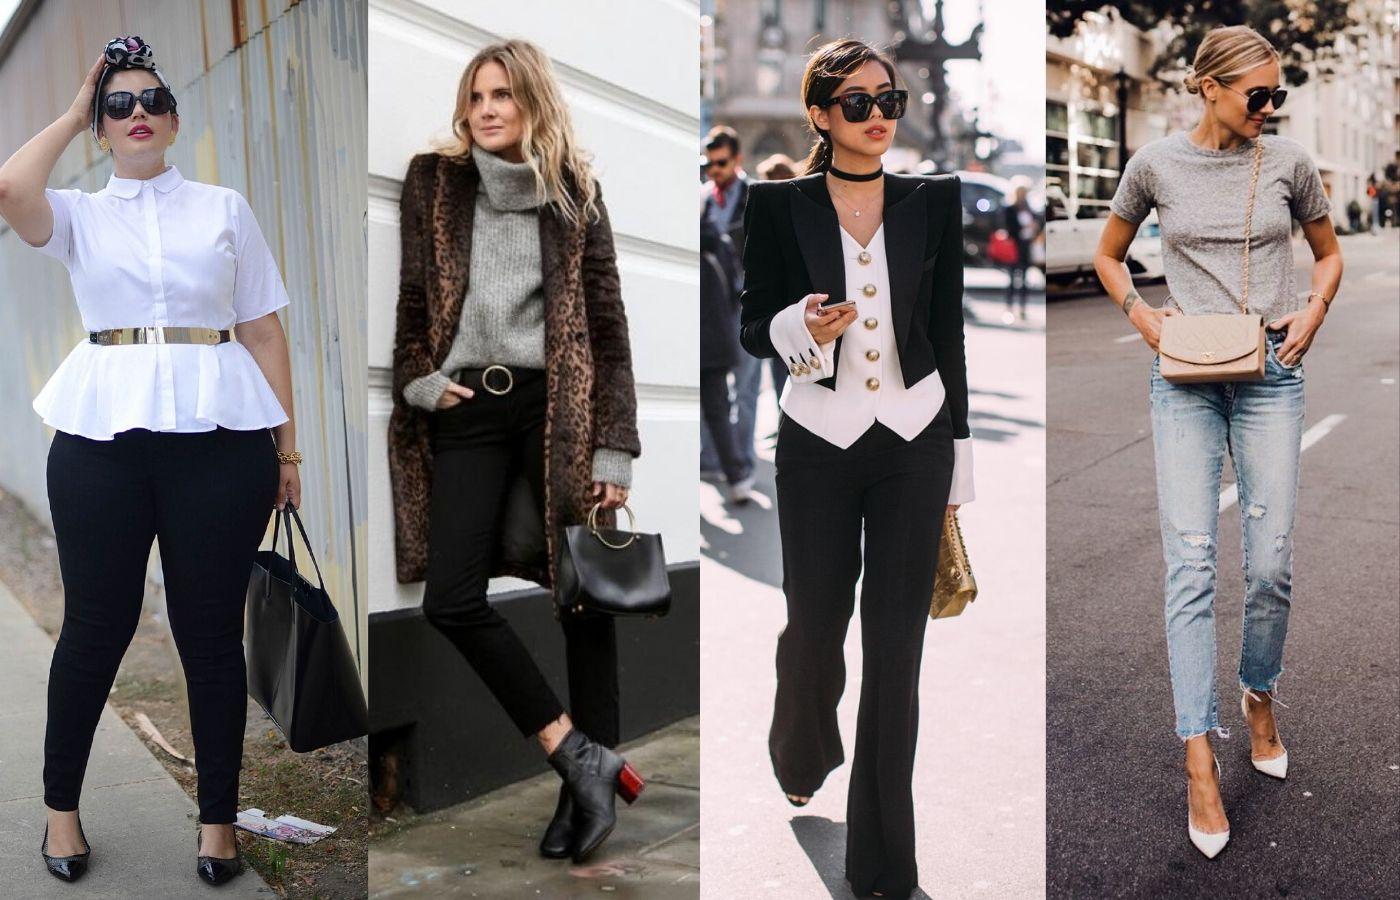 Estas son las prendas básicas que nunca pasarán de moda, ¡indispensables en nuestro armario!